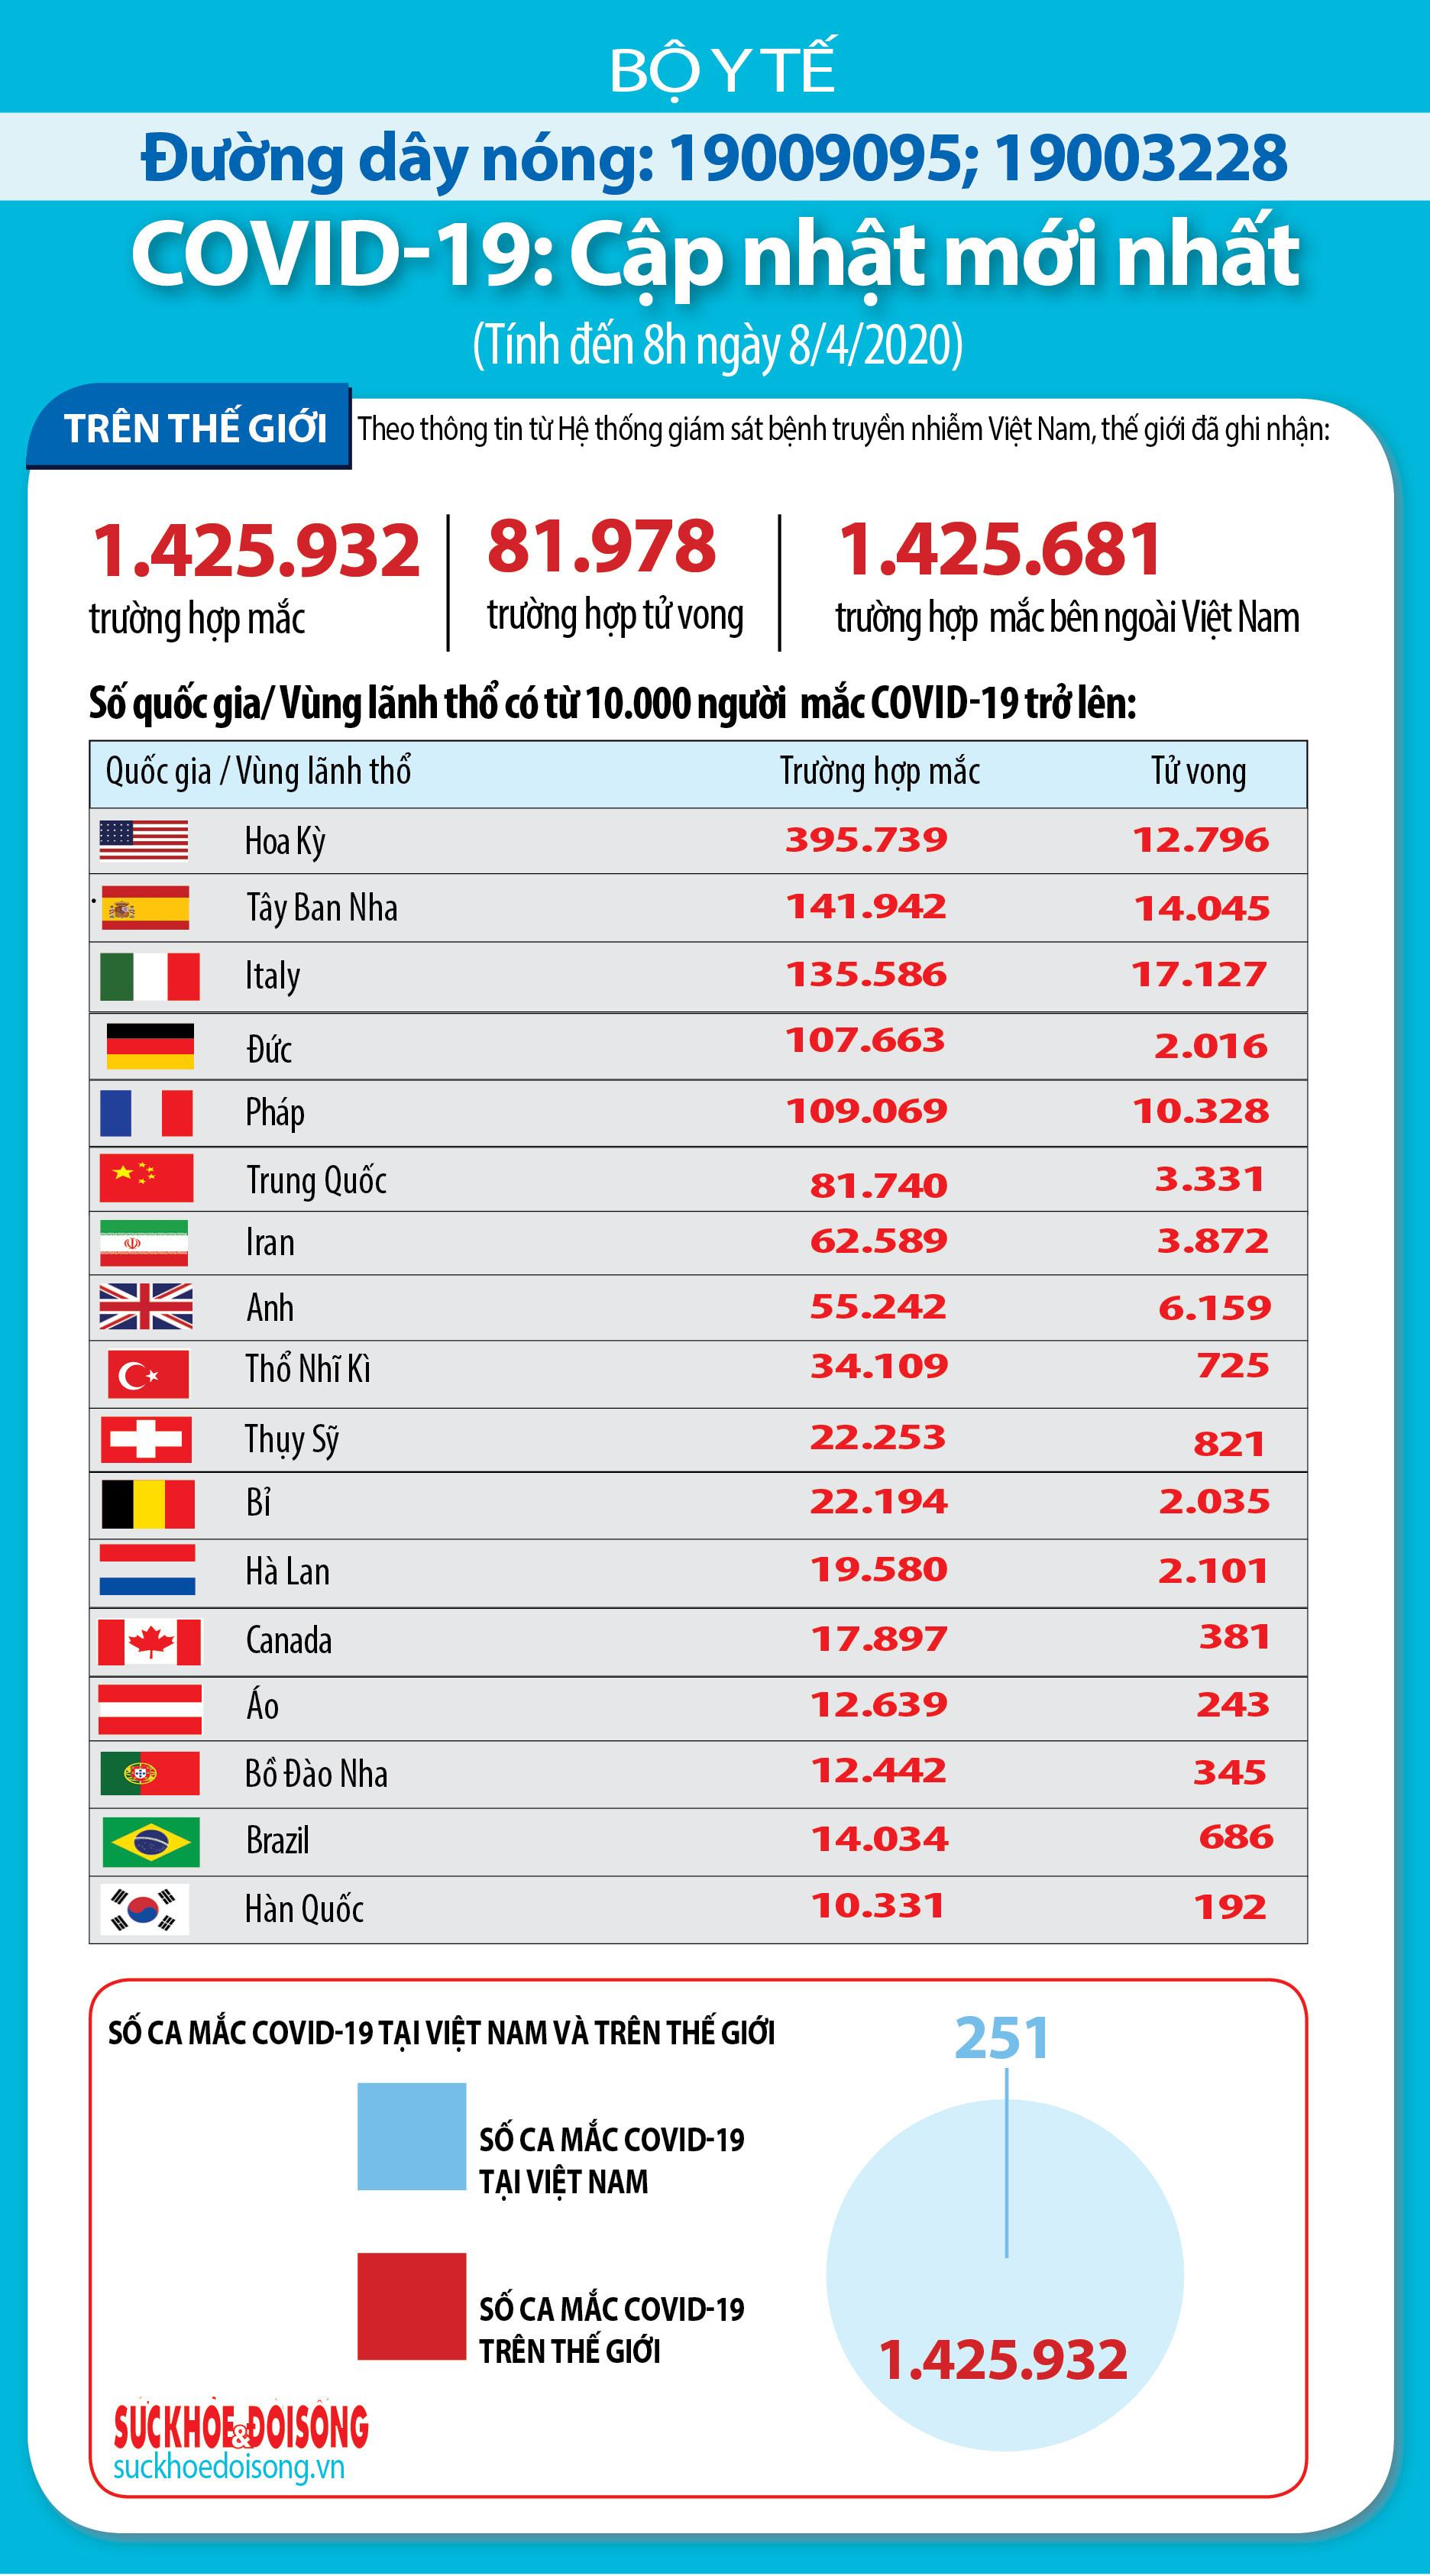 Cập nhật dịch virus corona trên thế giới ngày 8/4: ASEAN ghi nhận thêm hàng trăm ca nhiễm mới, Mỹ có số tử vong cao nhất trong ngày với 1.941 ca - Ảnh 1.